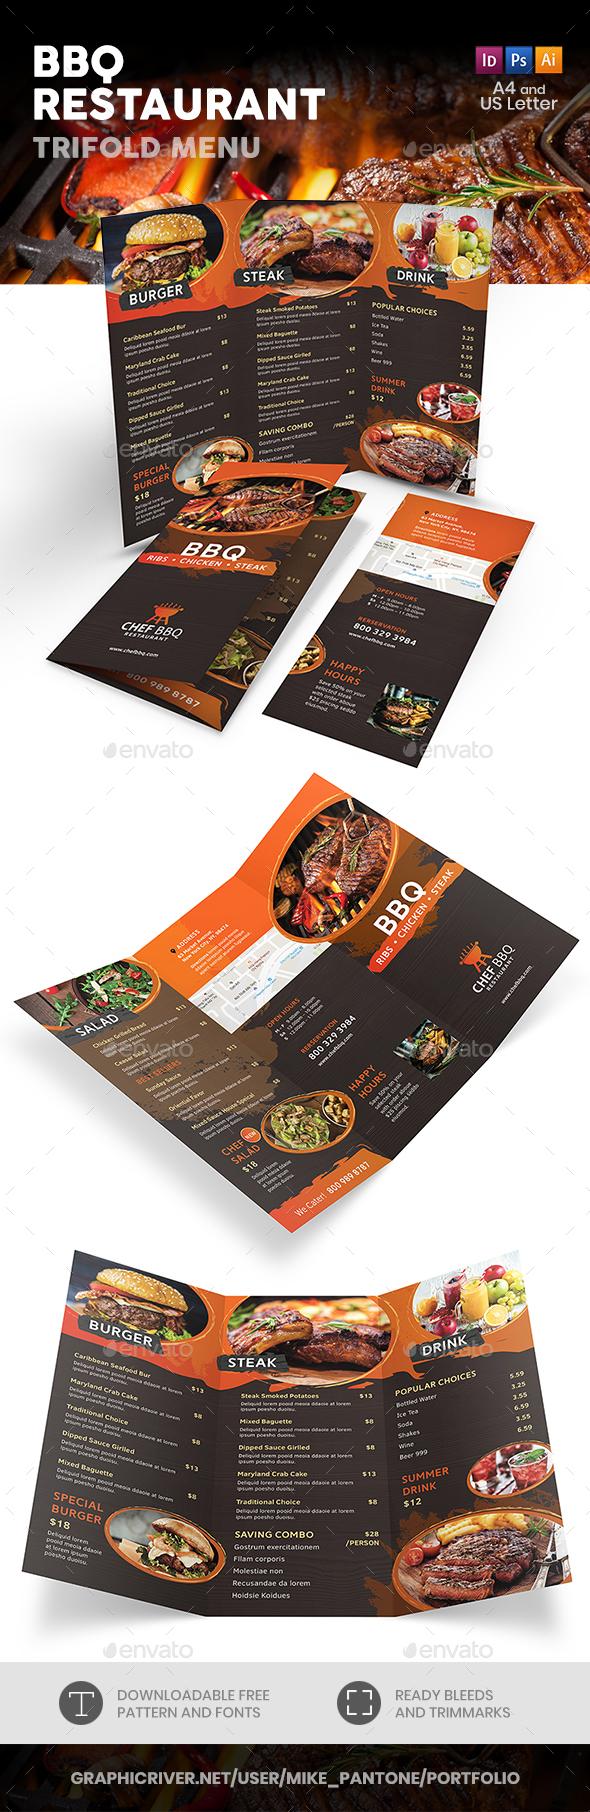 BBQ Restaurant Trifold Menu - Food Menus Print Templates